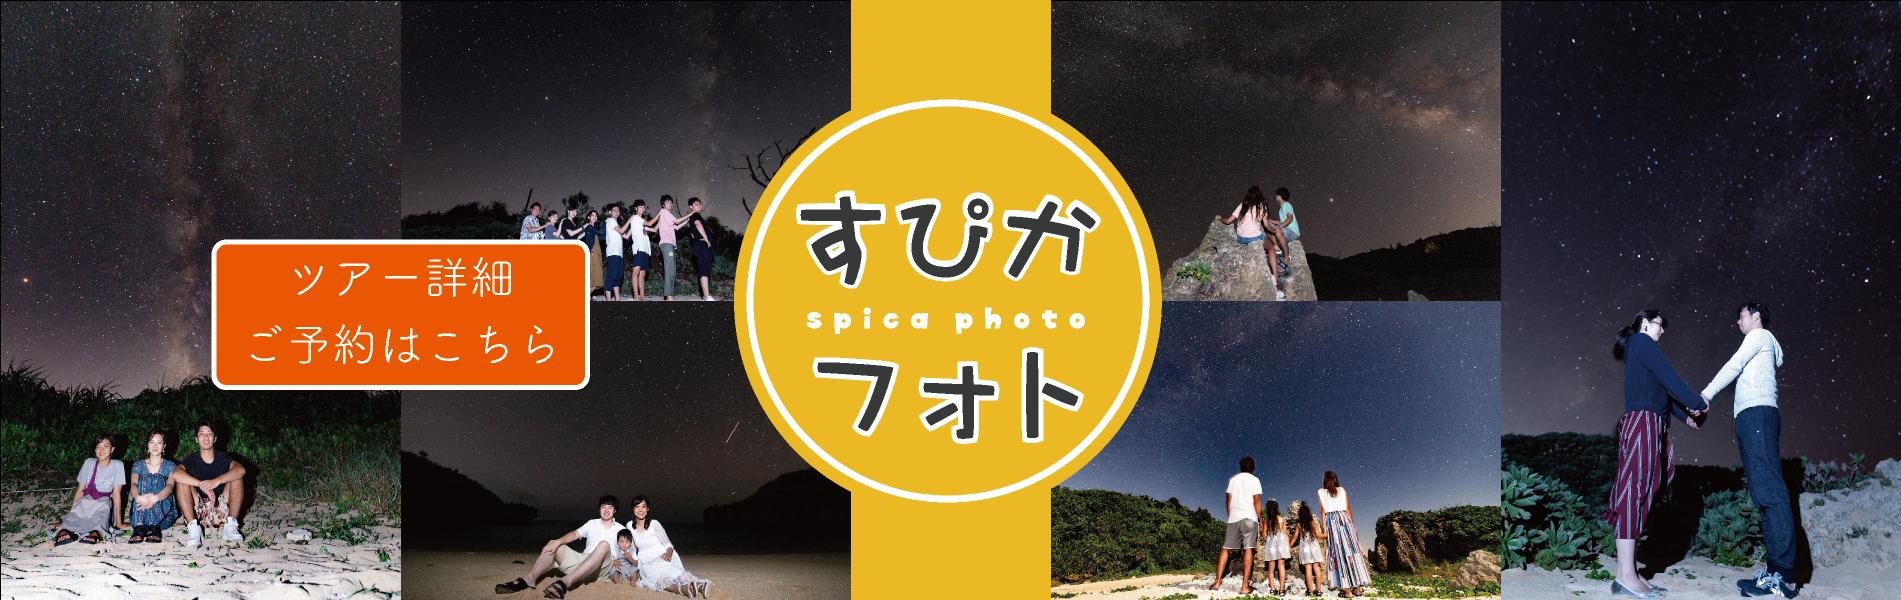 沖縄本島 星空フォトツアー すぴかフォト ツアー予約